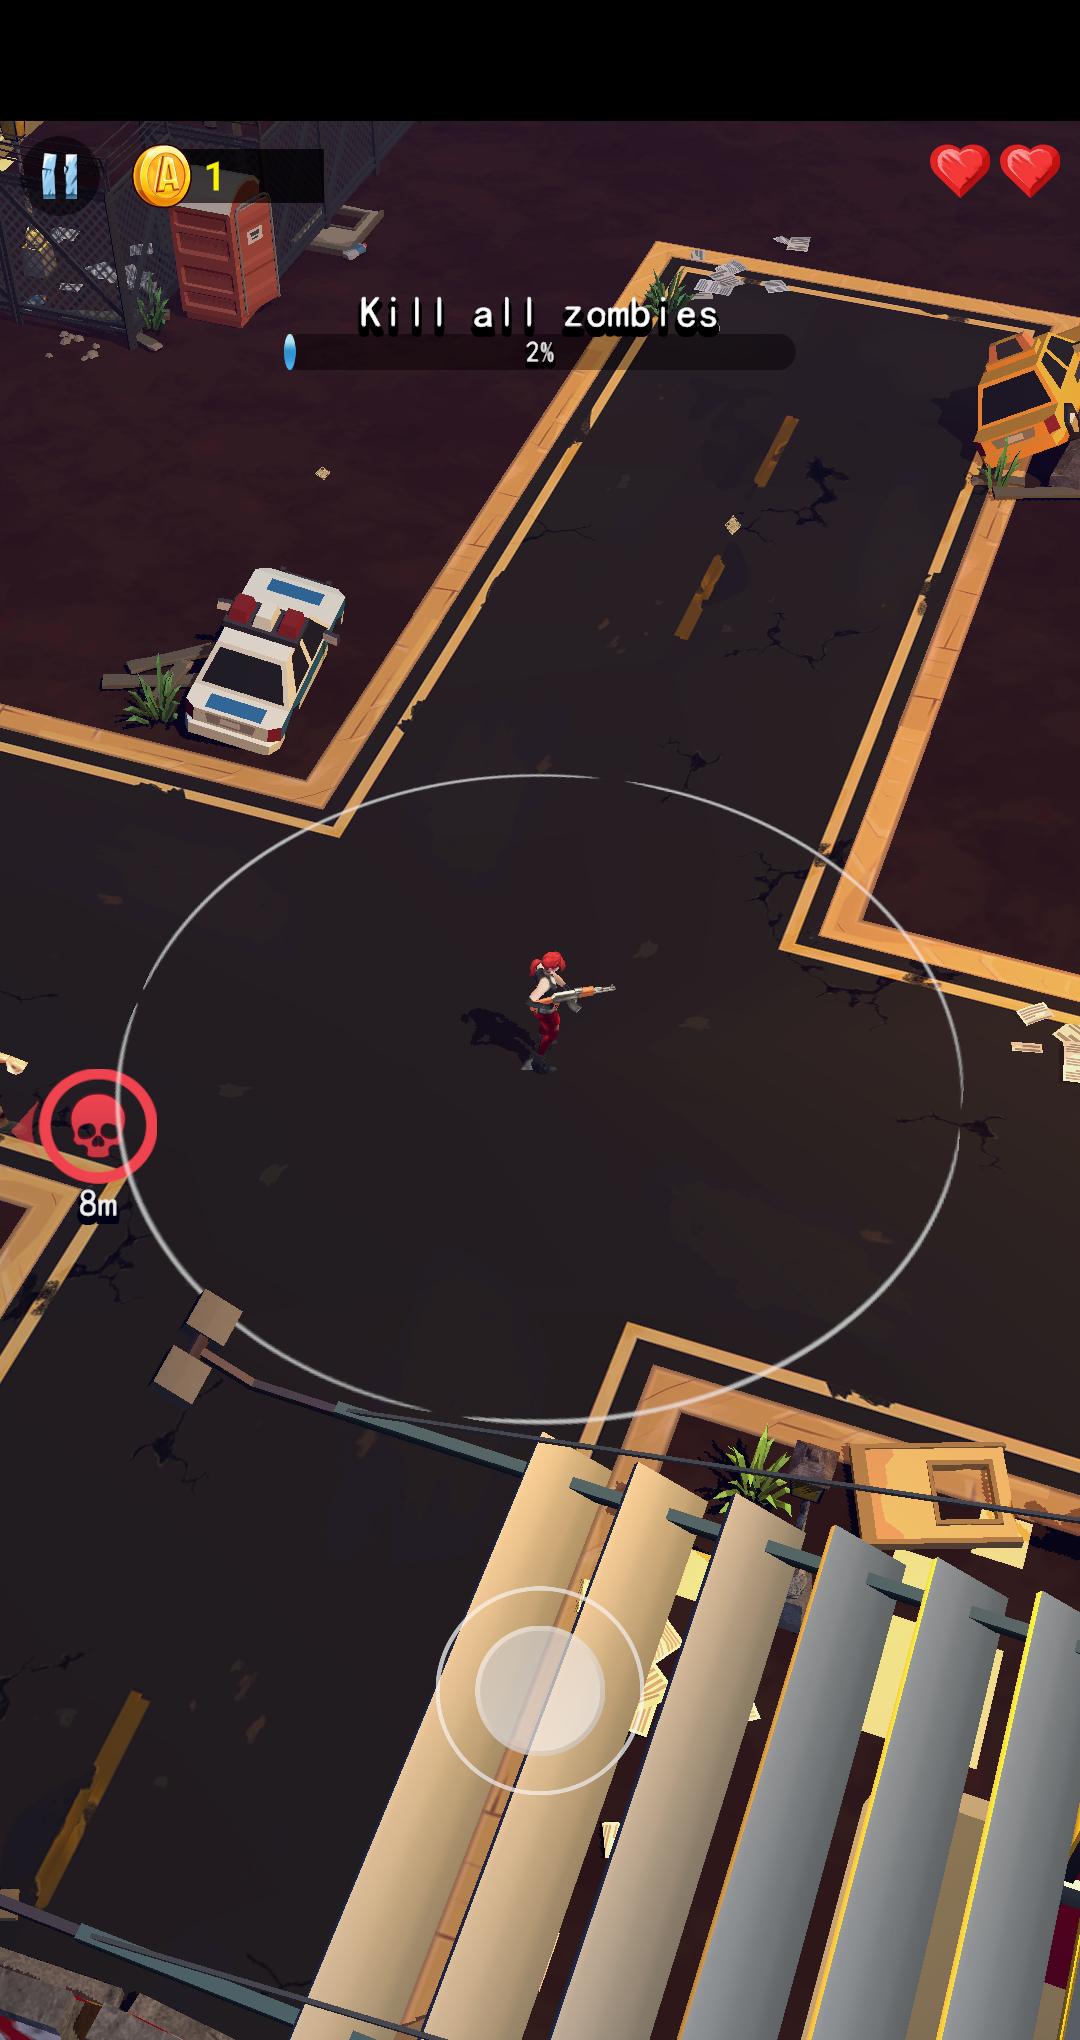 僵尸生存汉化版游戏截图